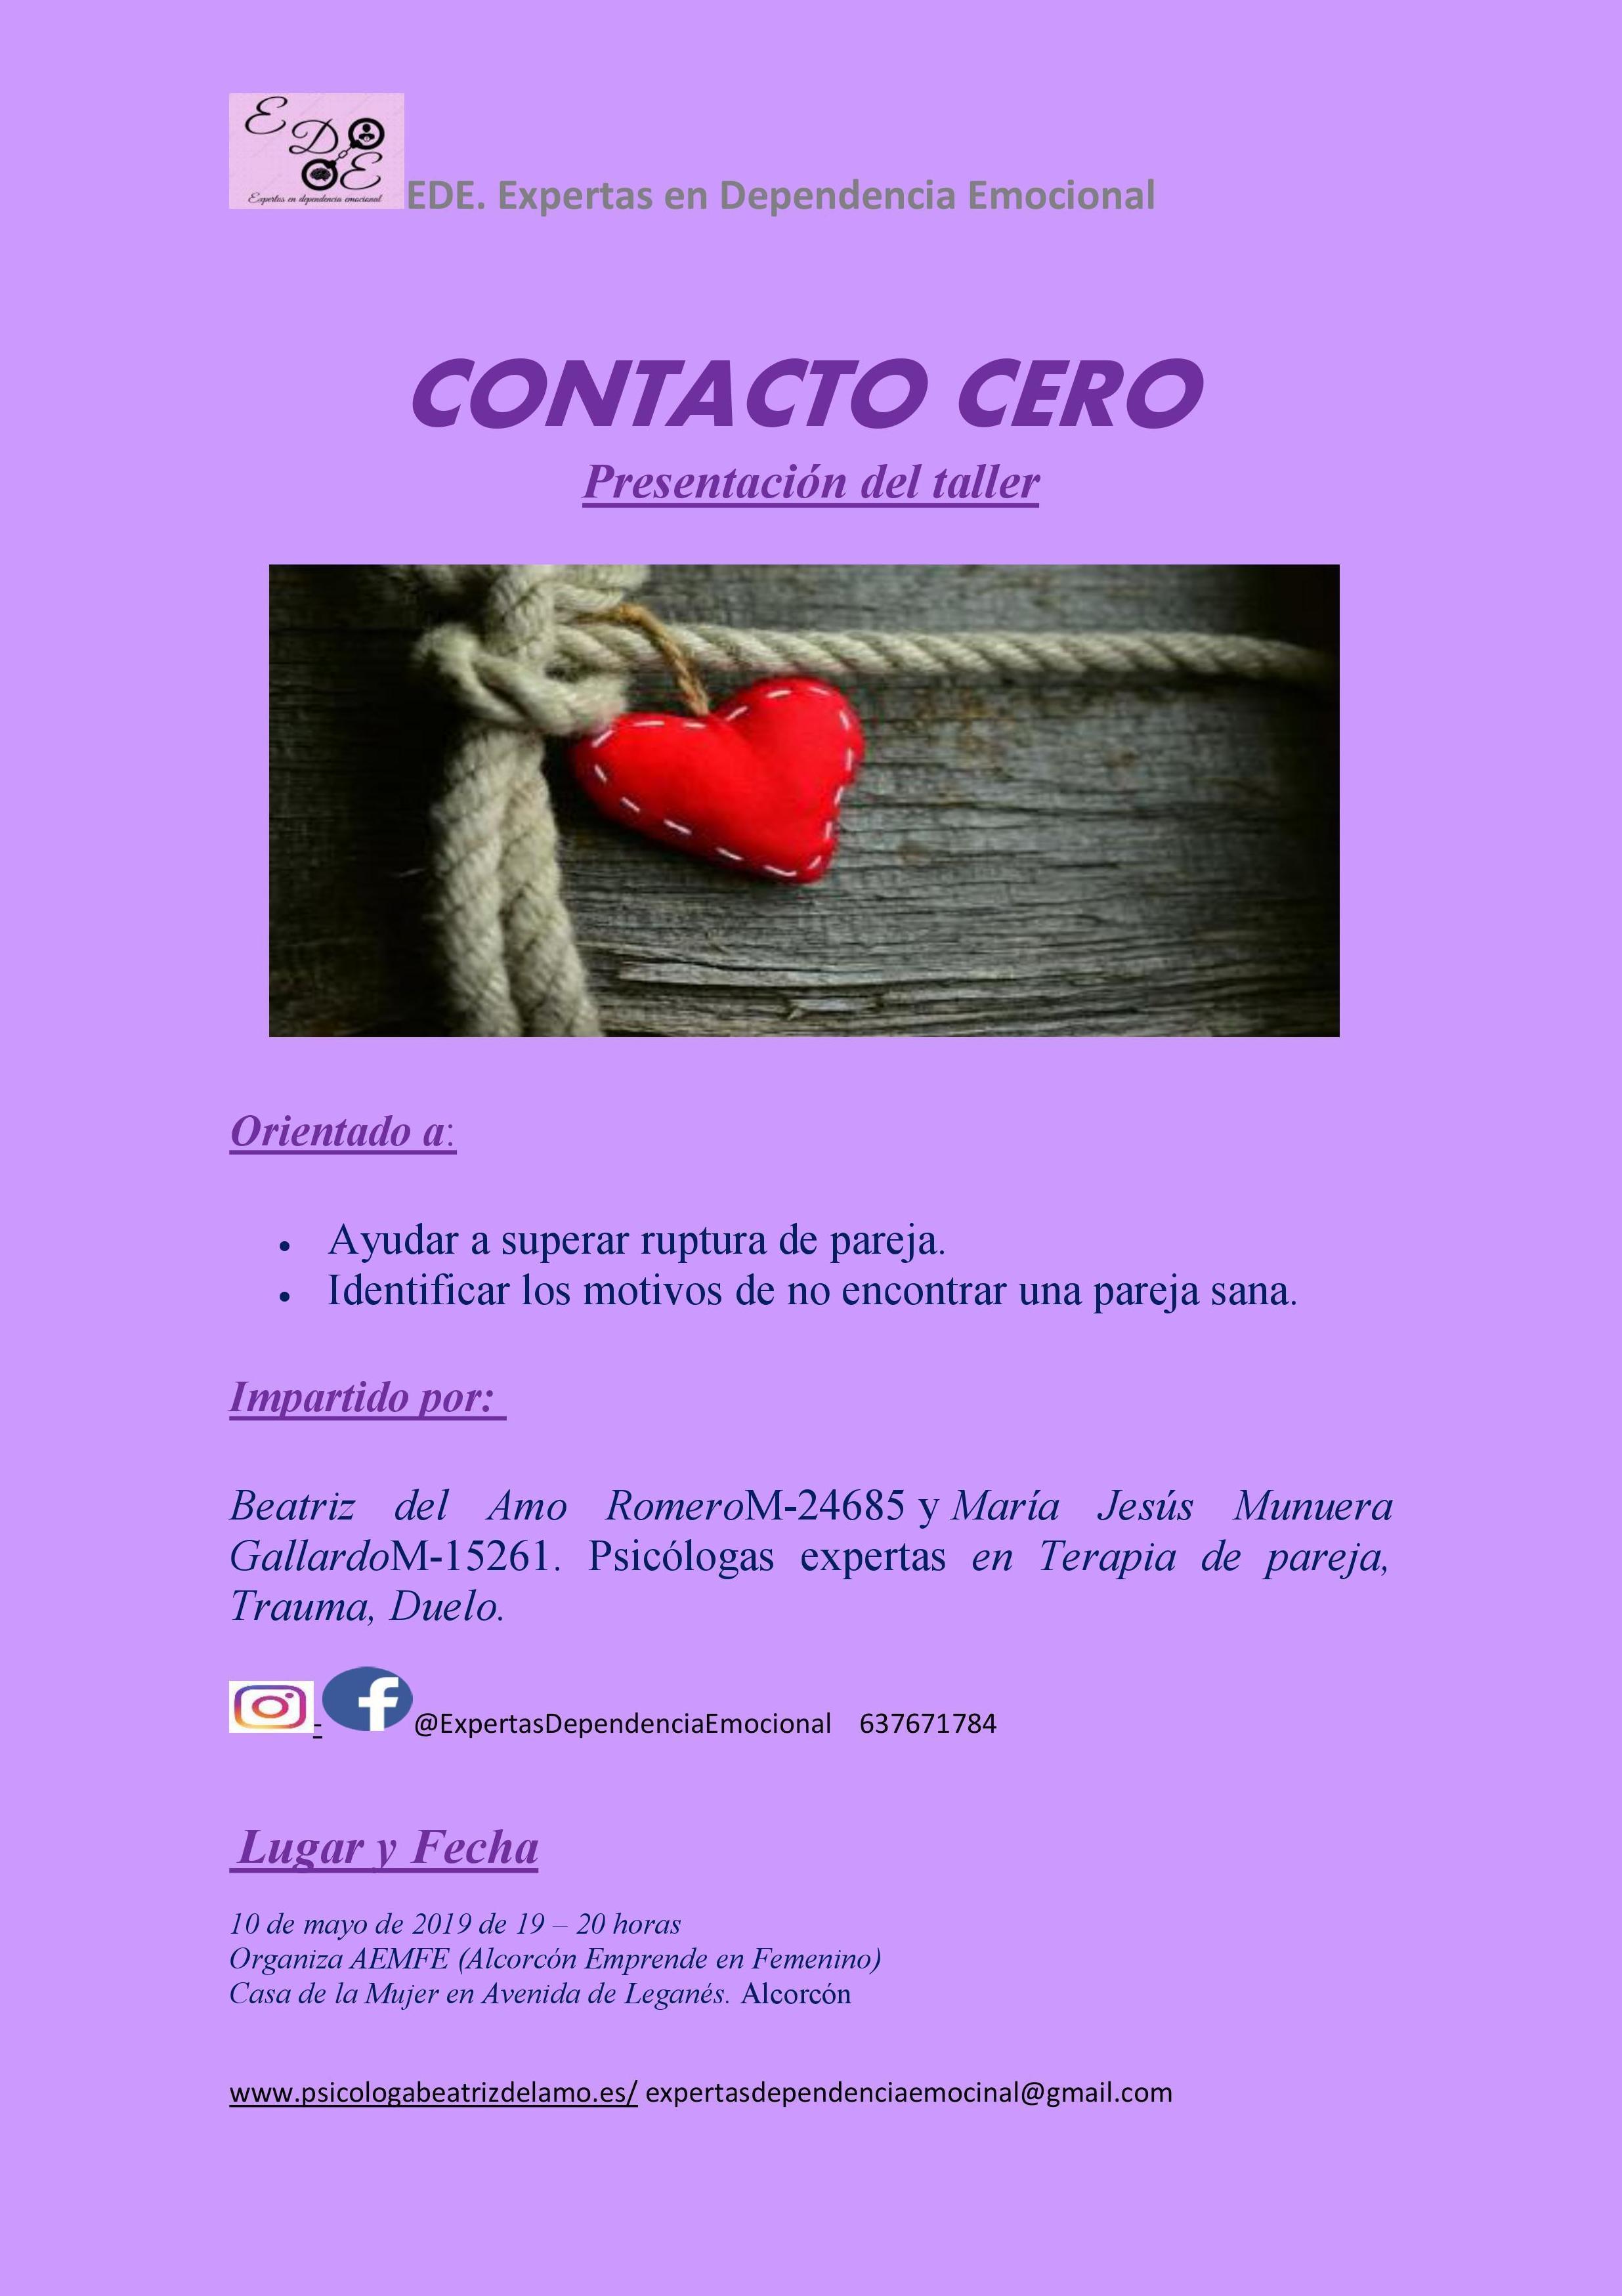 Presentación Taller Contacto 0. Próximo 10 de mayo